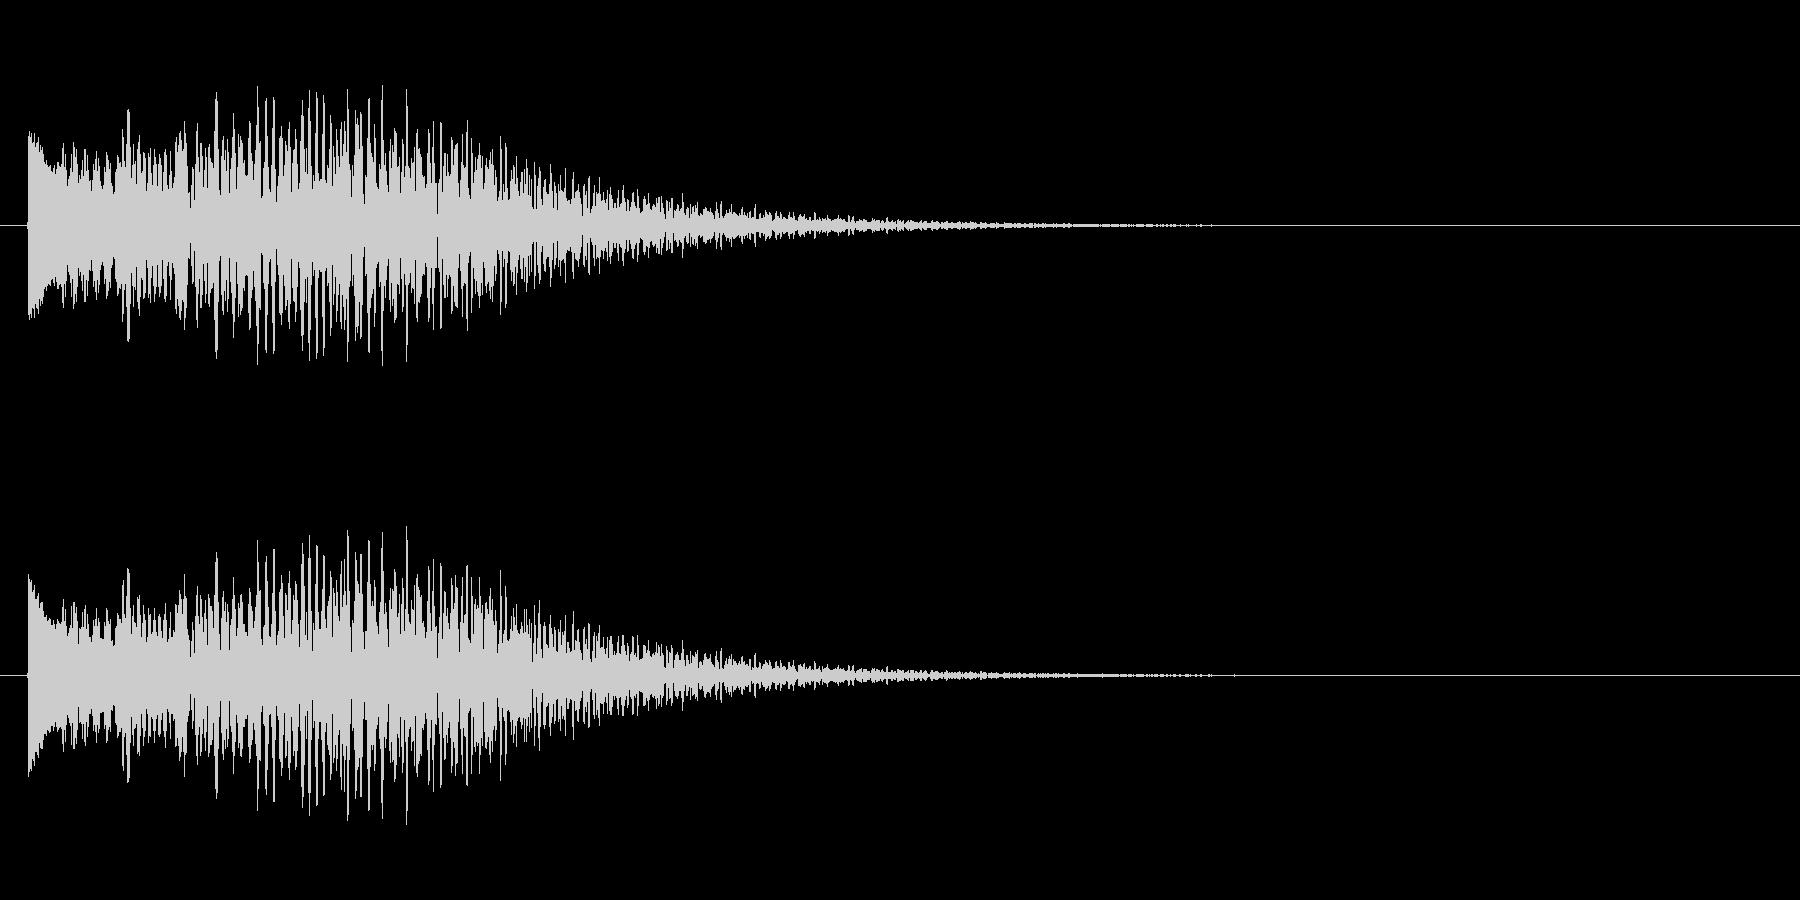 キラキラキラーン/鉄琴の綺麗な幸せ上昇音の未再生の波形